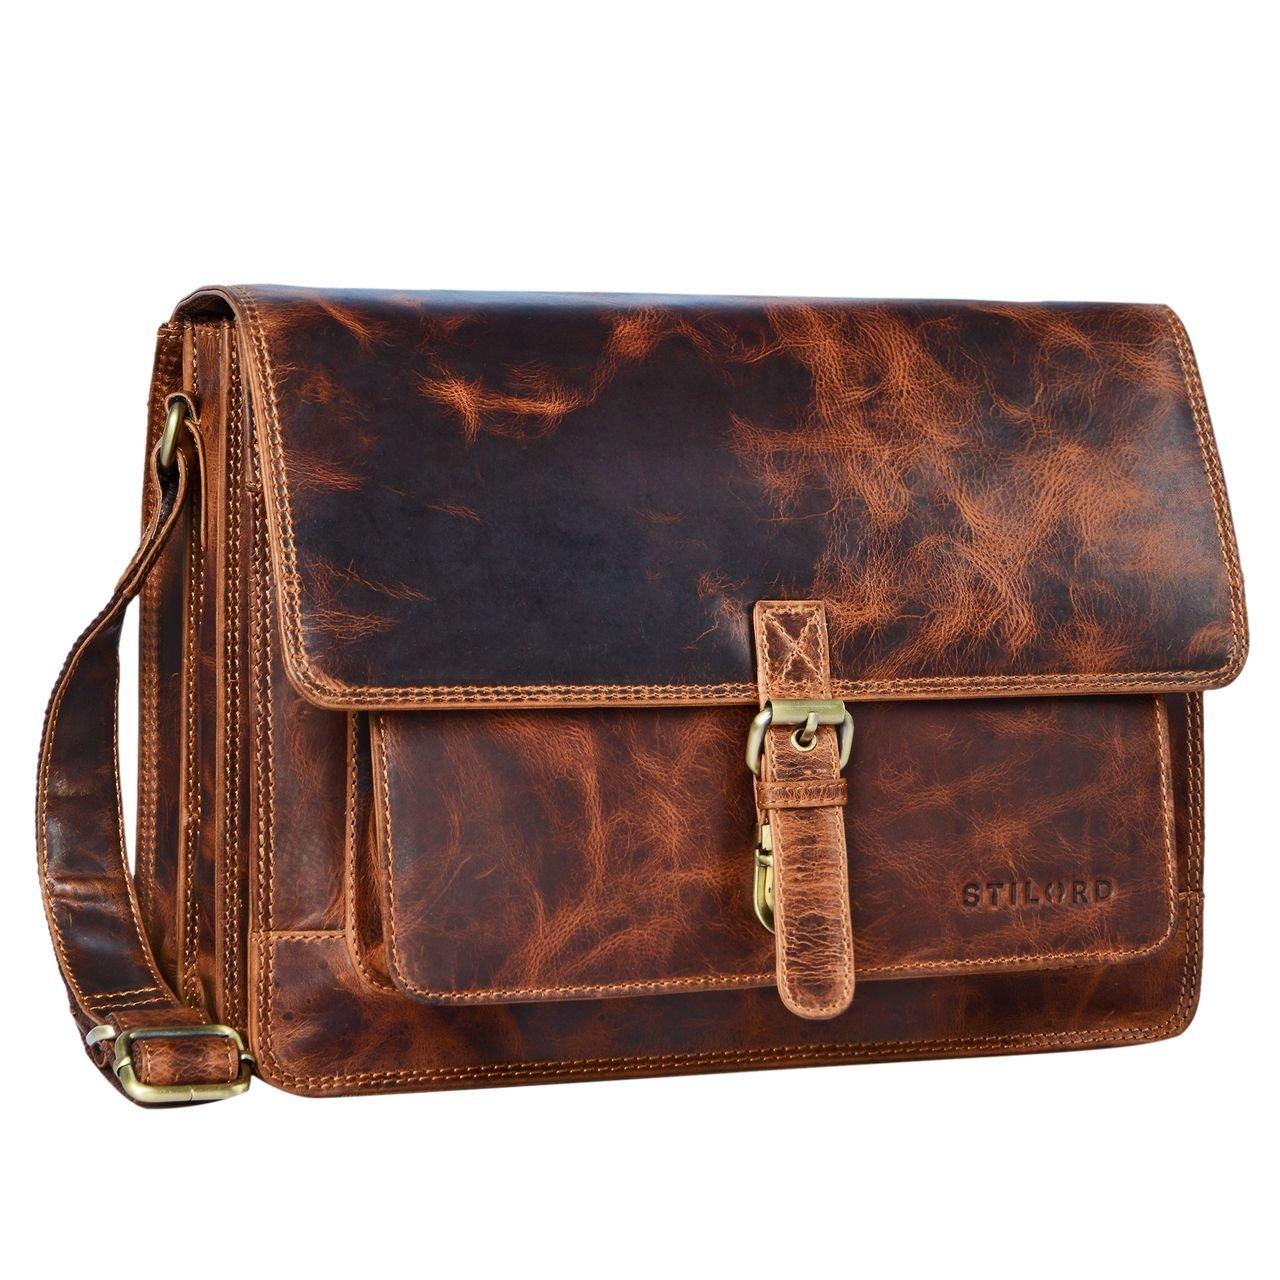 STILORD 'Romeo' Kleine Aktentasche Leder für Herren Damen Vintage Businesstasche Bürotasche für DIN A4 Dokumente und 13,3 Zoll Laptops MacBooks aus echtem Leder, Farbe:Kara - Cognac